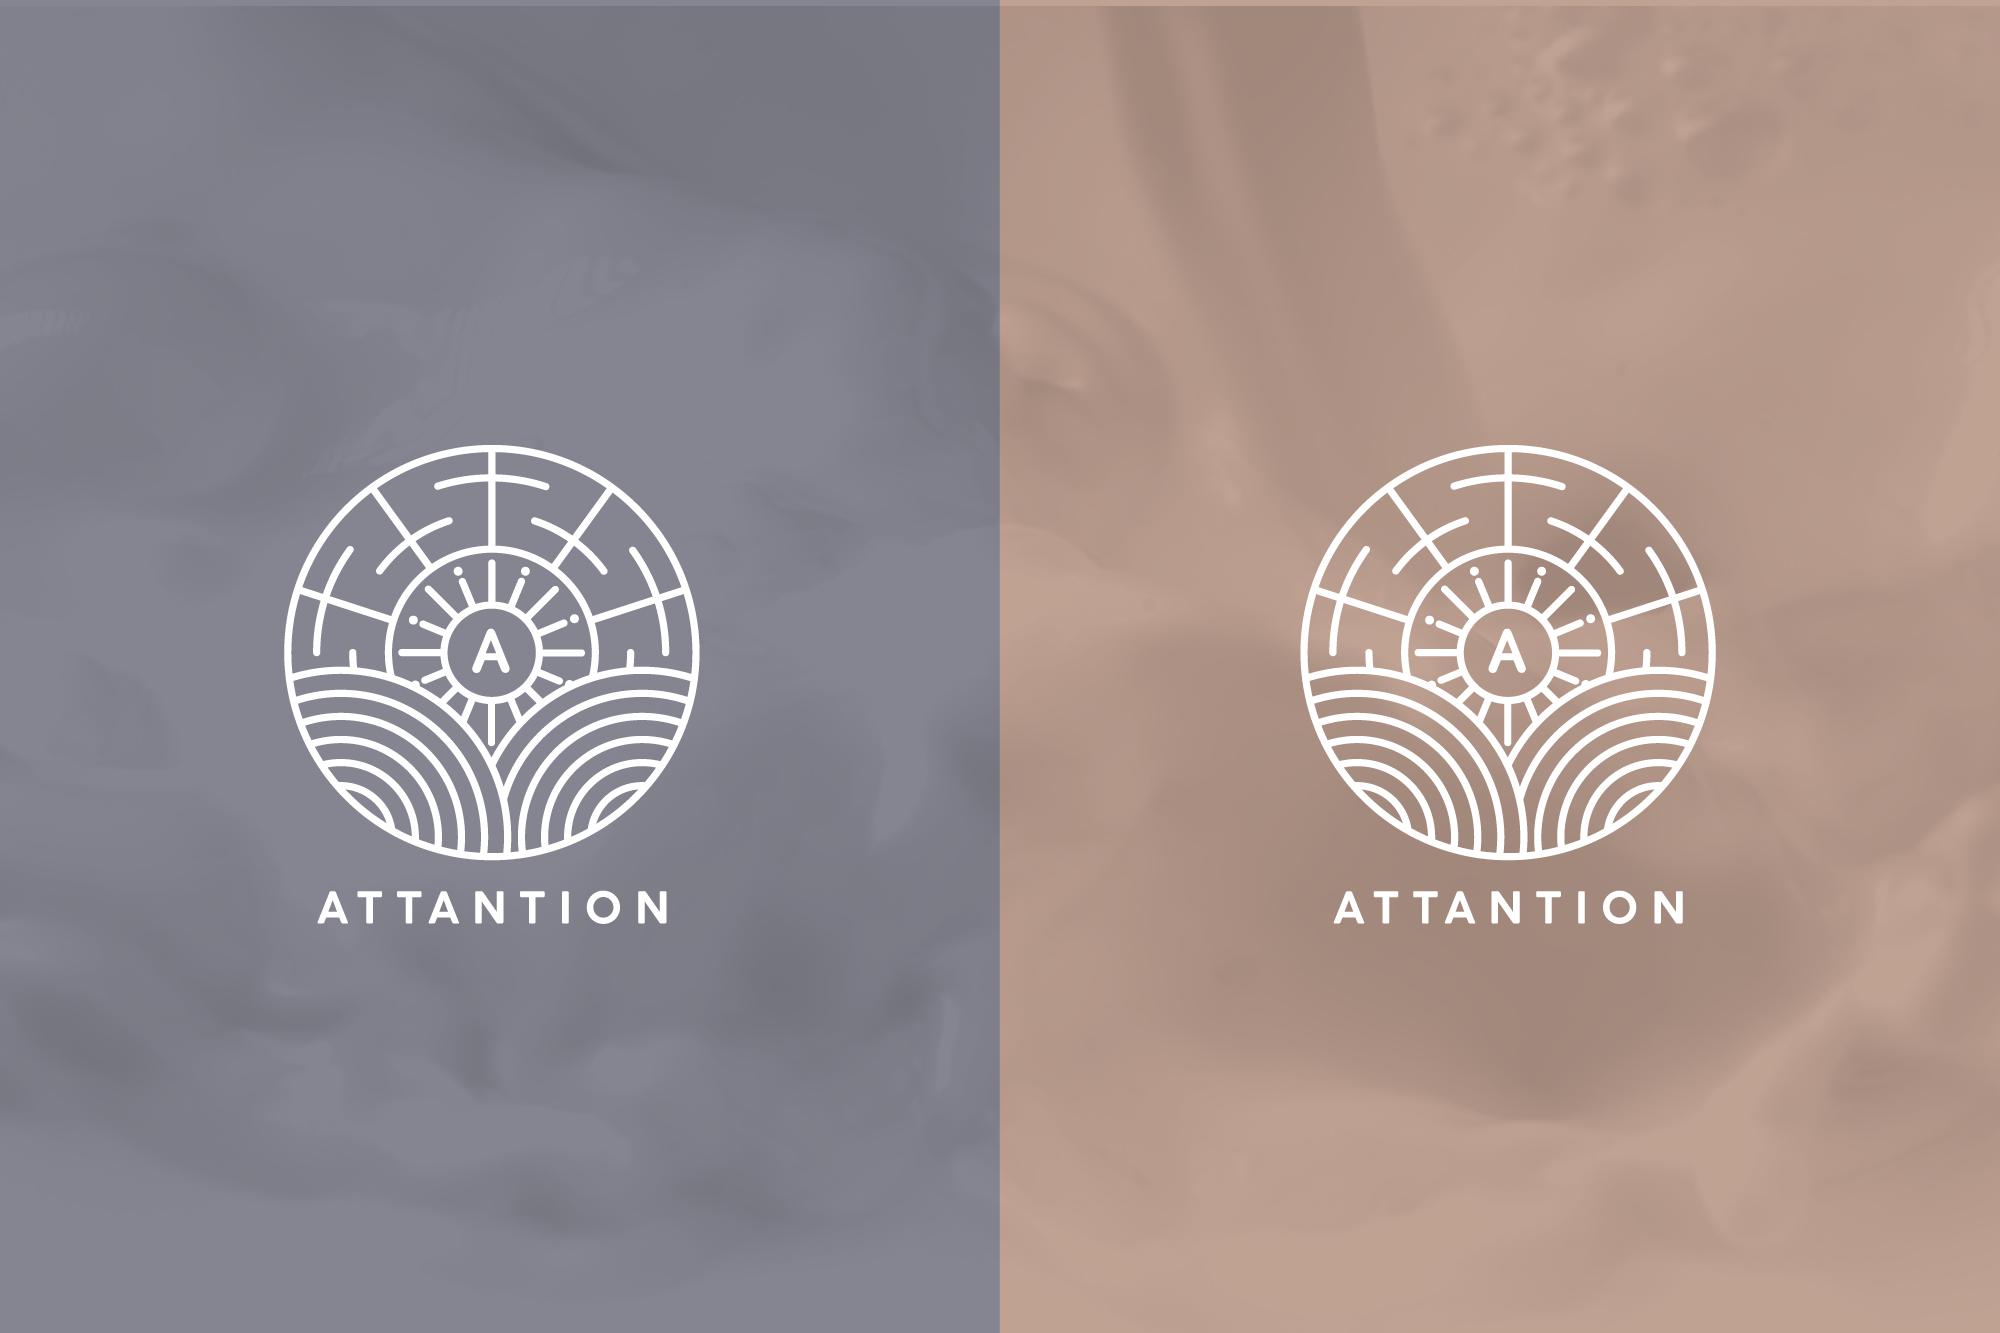 Attantion logo variations